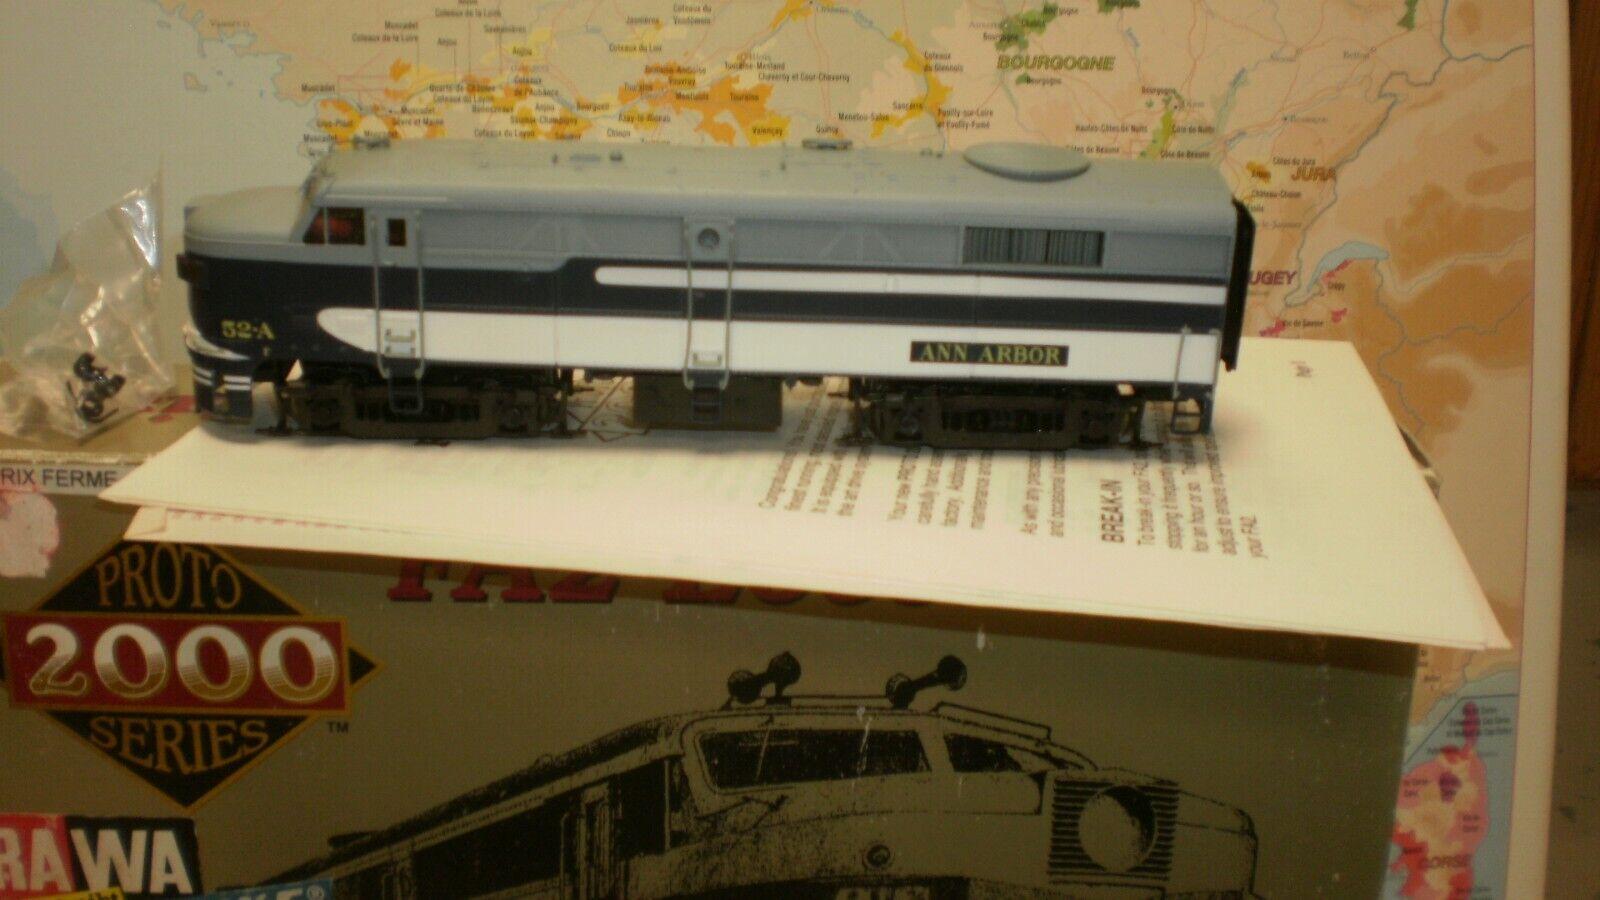 Loco diesel FA2 Alco Ann Arbor 52A USA Projoo 2000 édition limitée